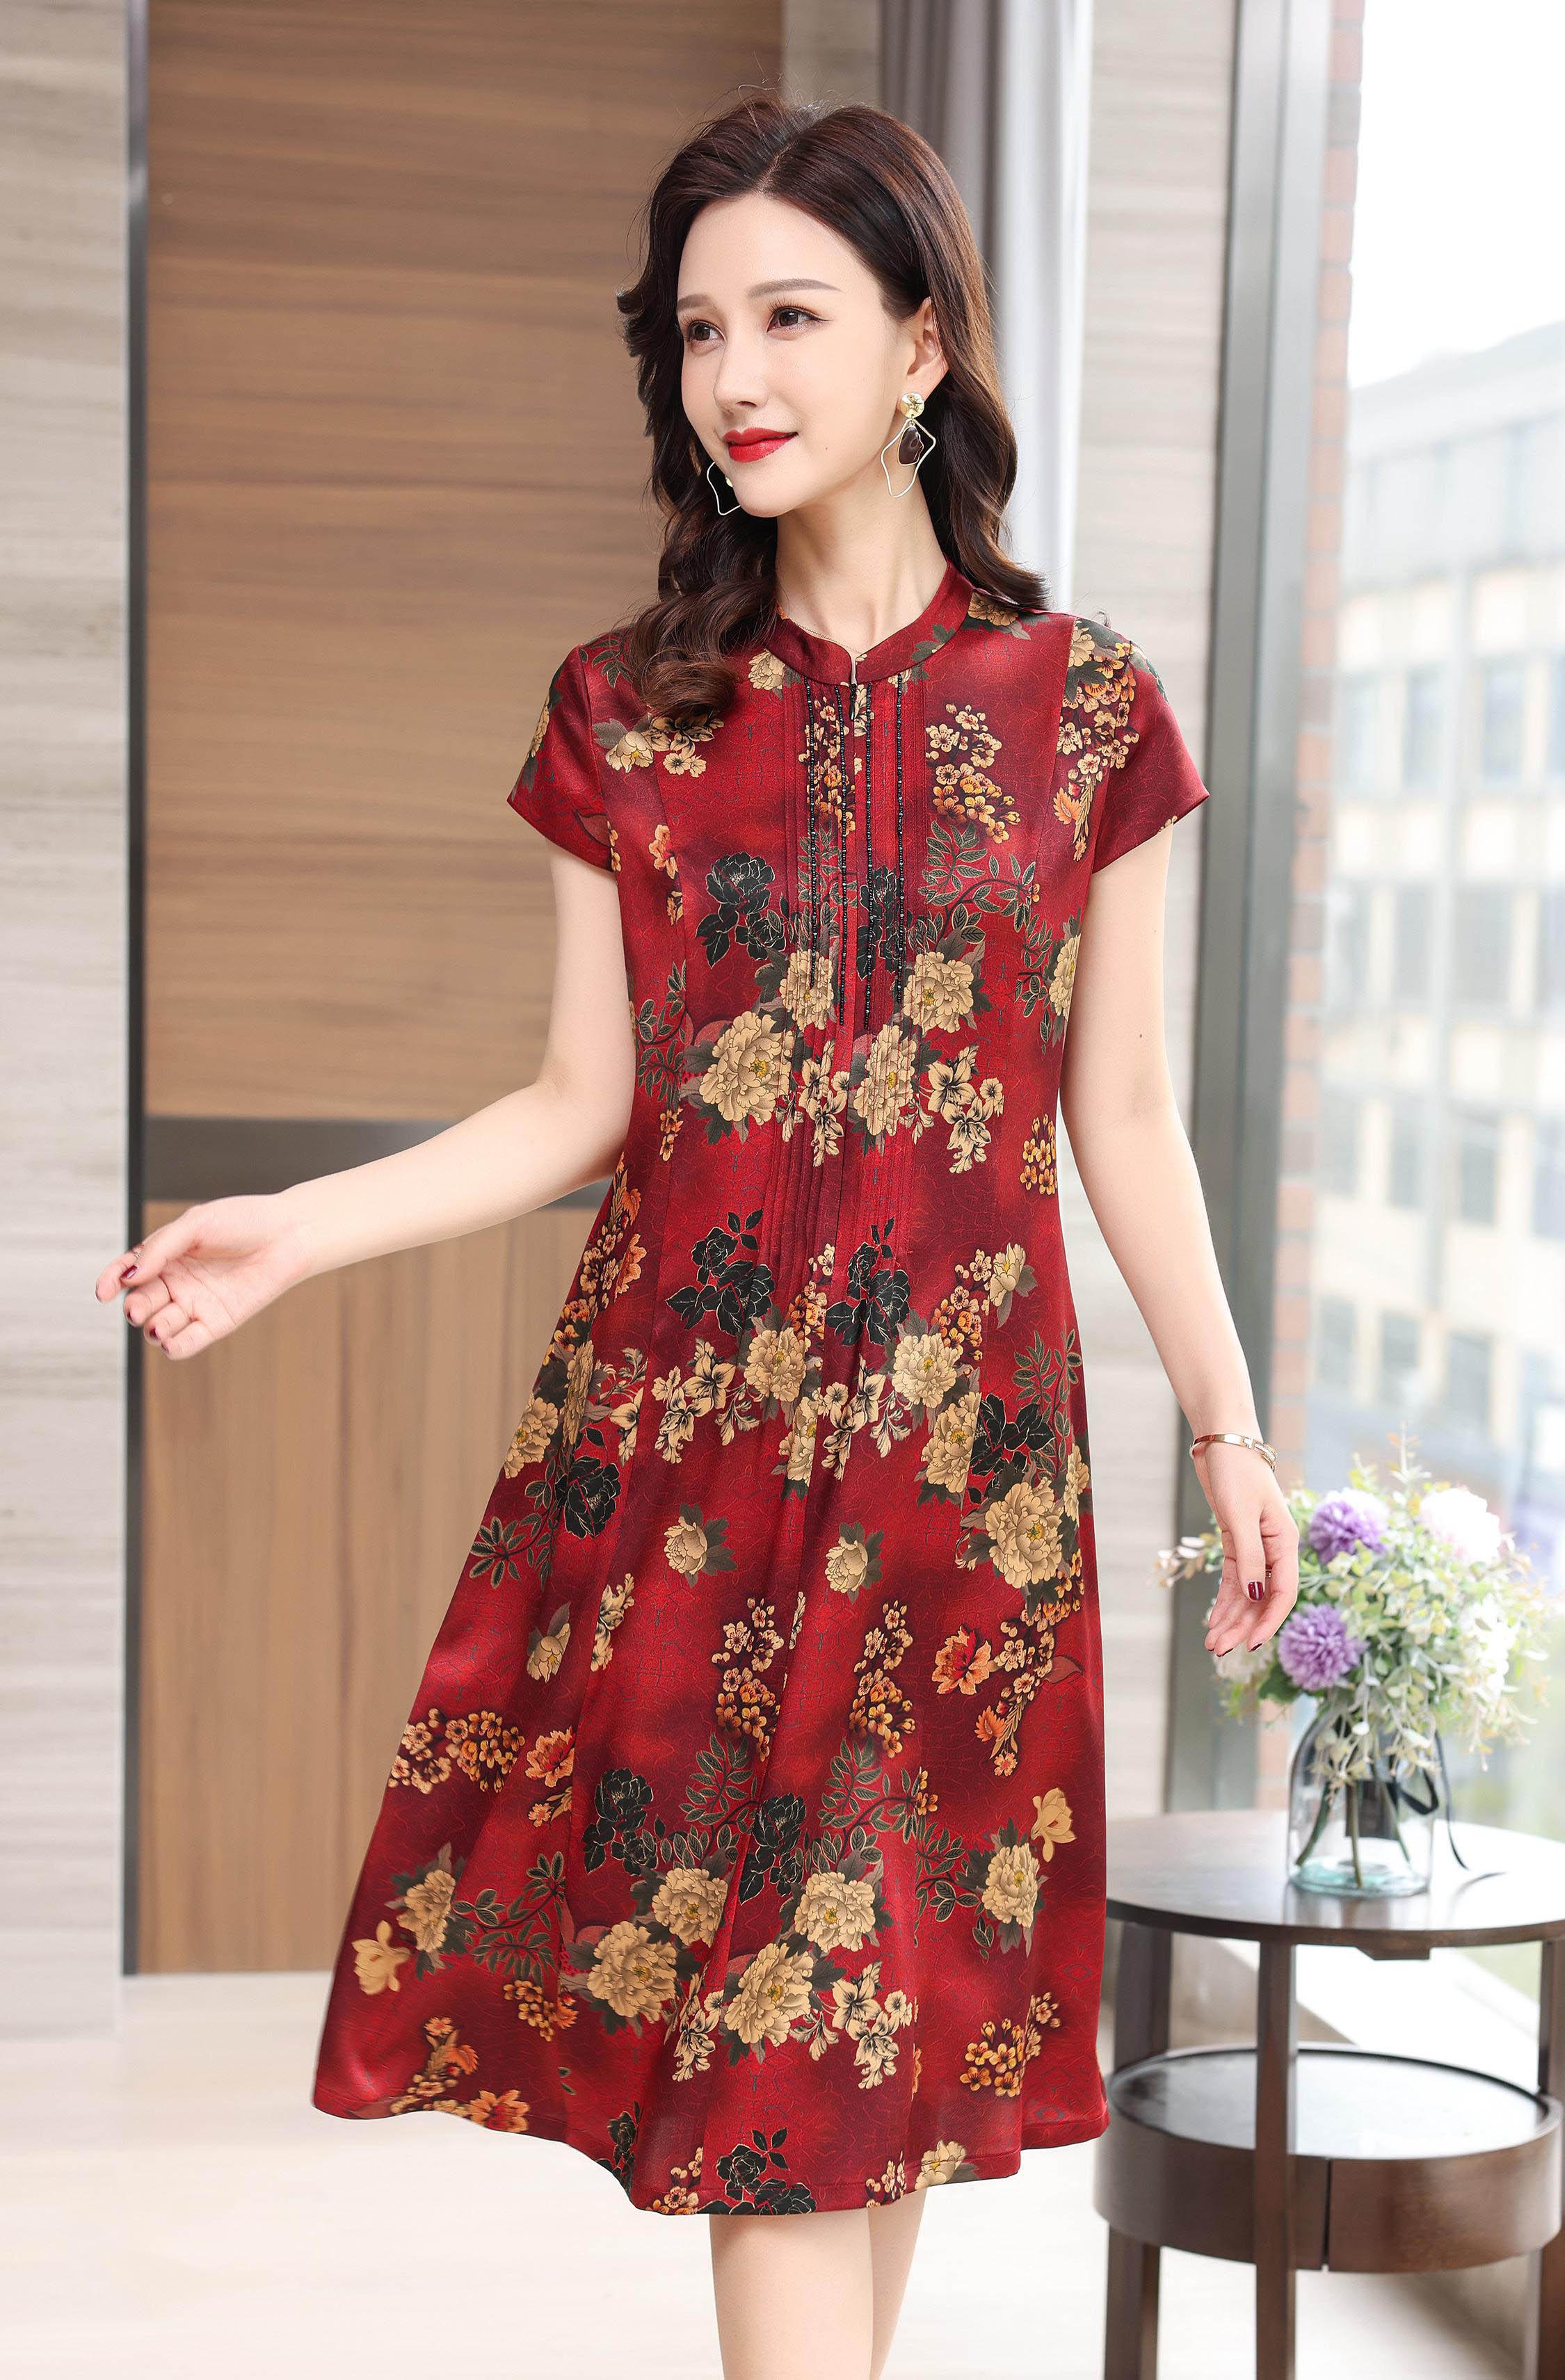 川美 桑蚕丝圆领拉链式连衣裙(短袖) 68890D 红